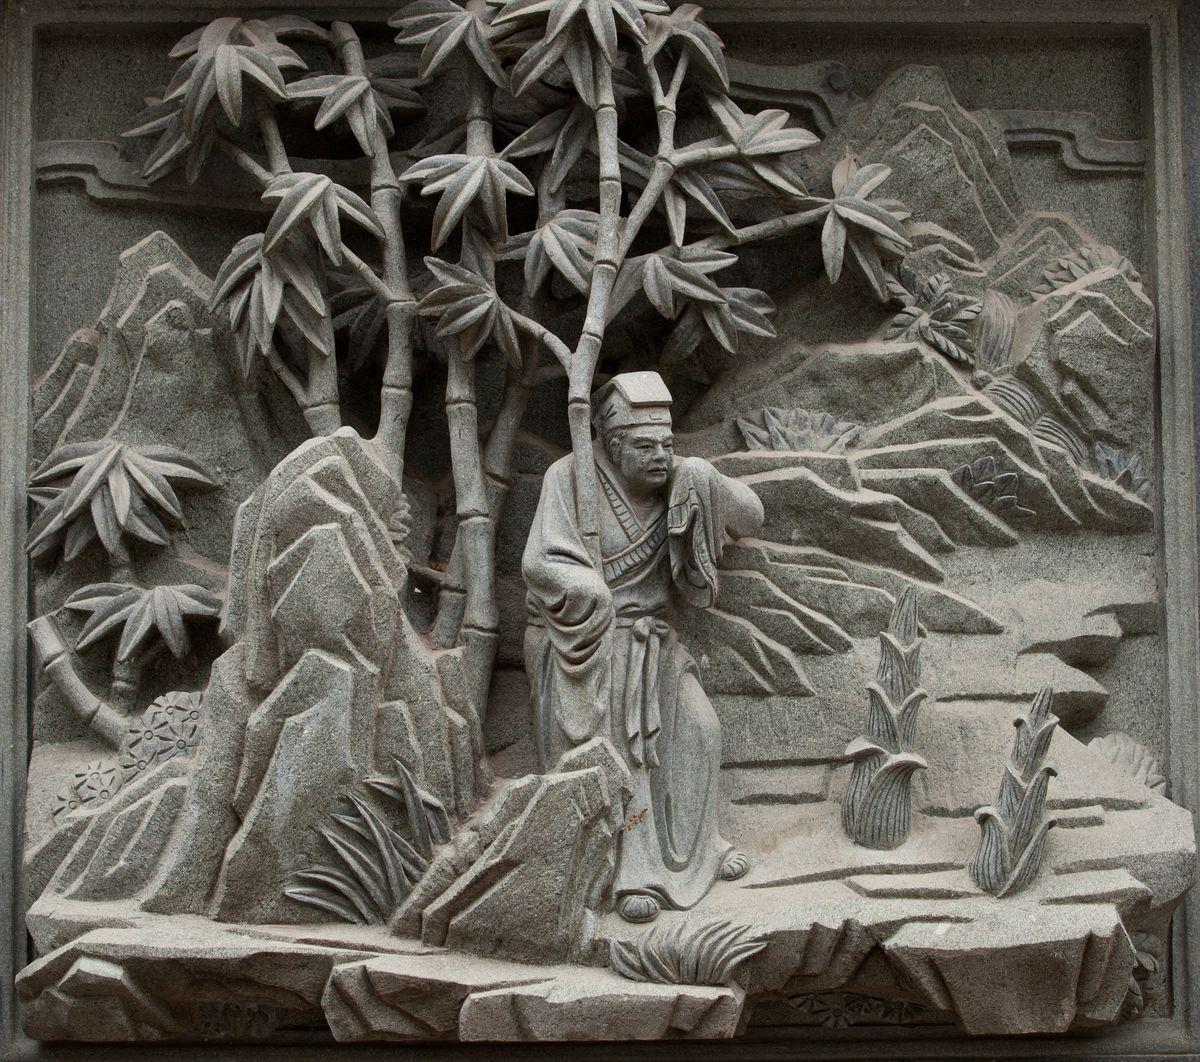 浮雕,道德,雕刻,孝顺,二十四孝,传统文化,历史故事,文化墙,孝道,孝图片